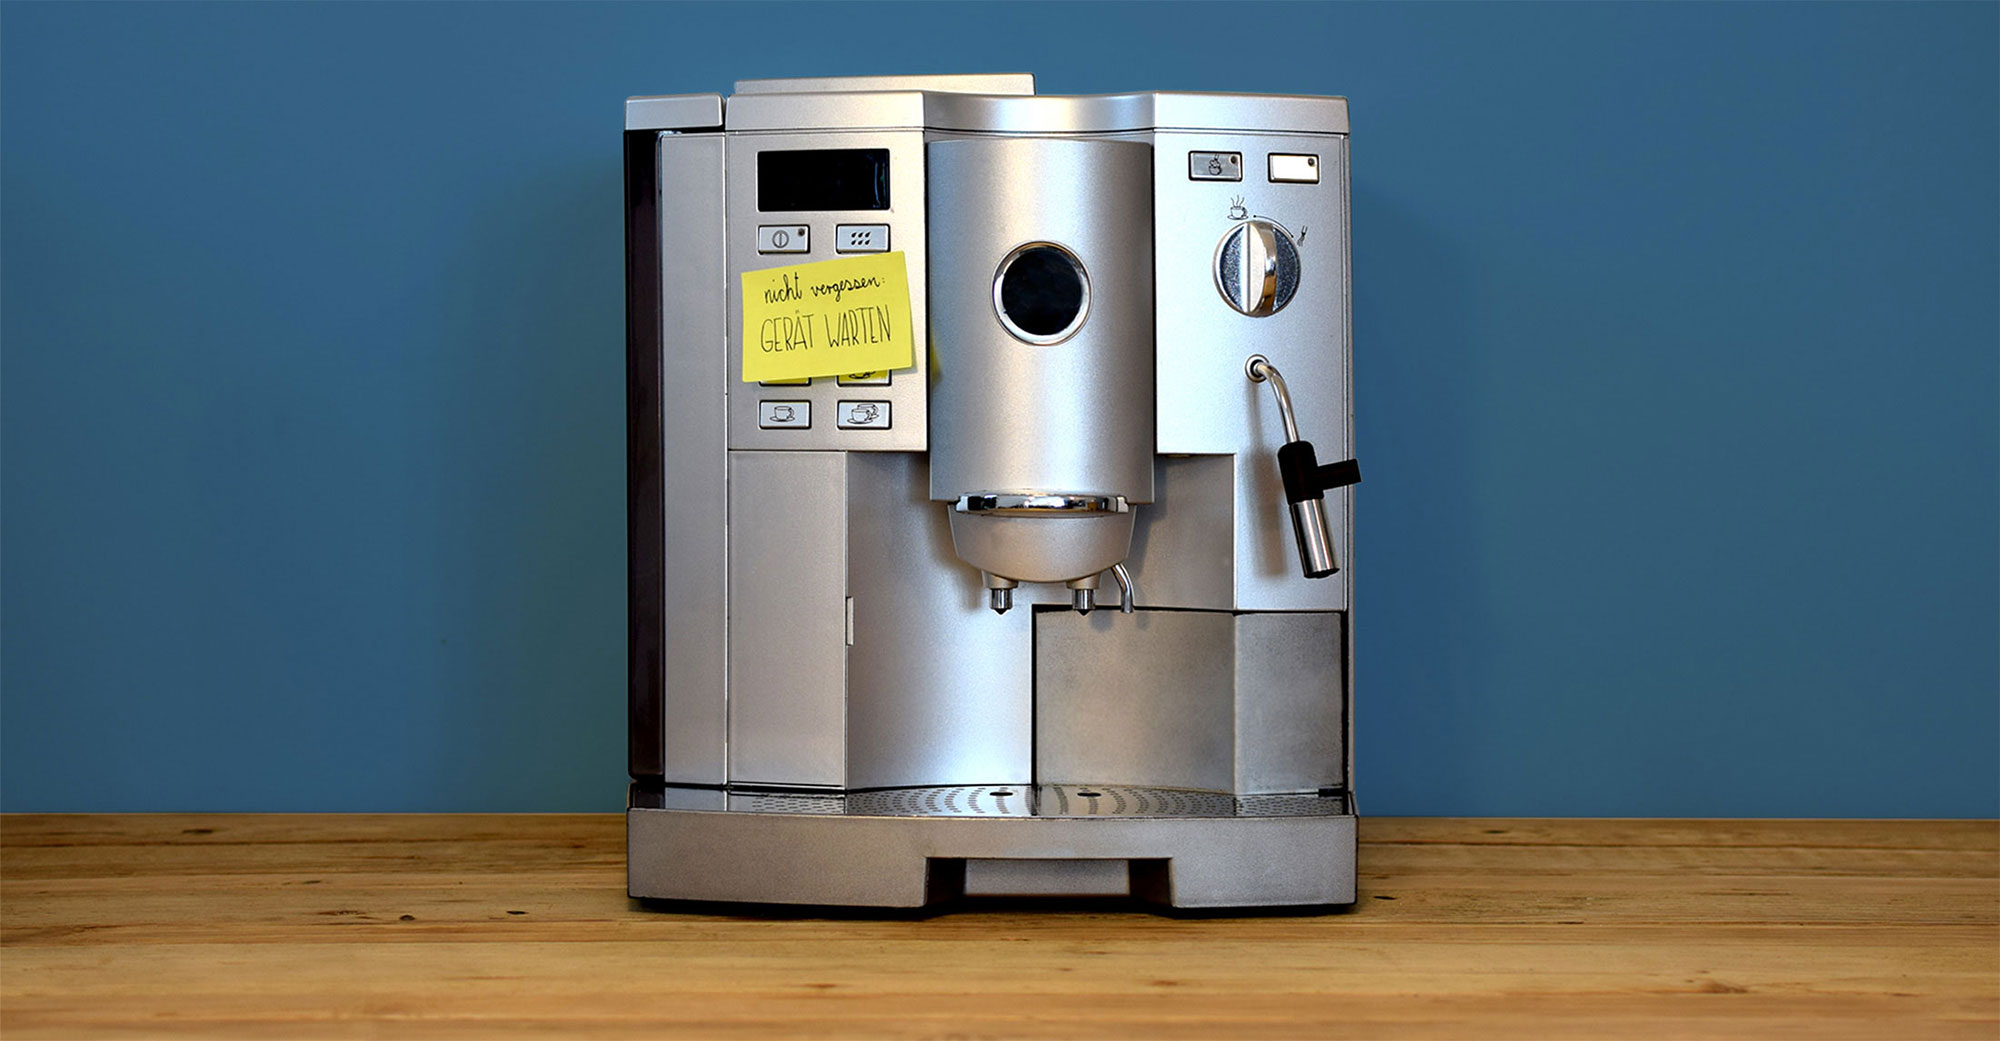 kaffeevollautomat zieht kein wasser was tun meinmacher. Black Bedroom Furniture Sets. Home Design Ideas